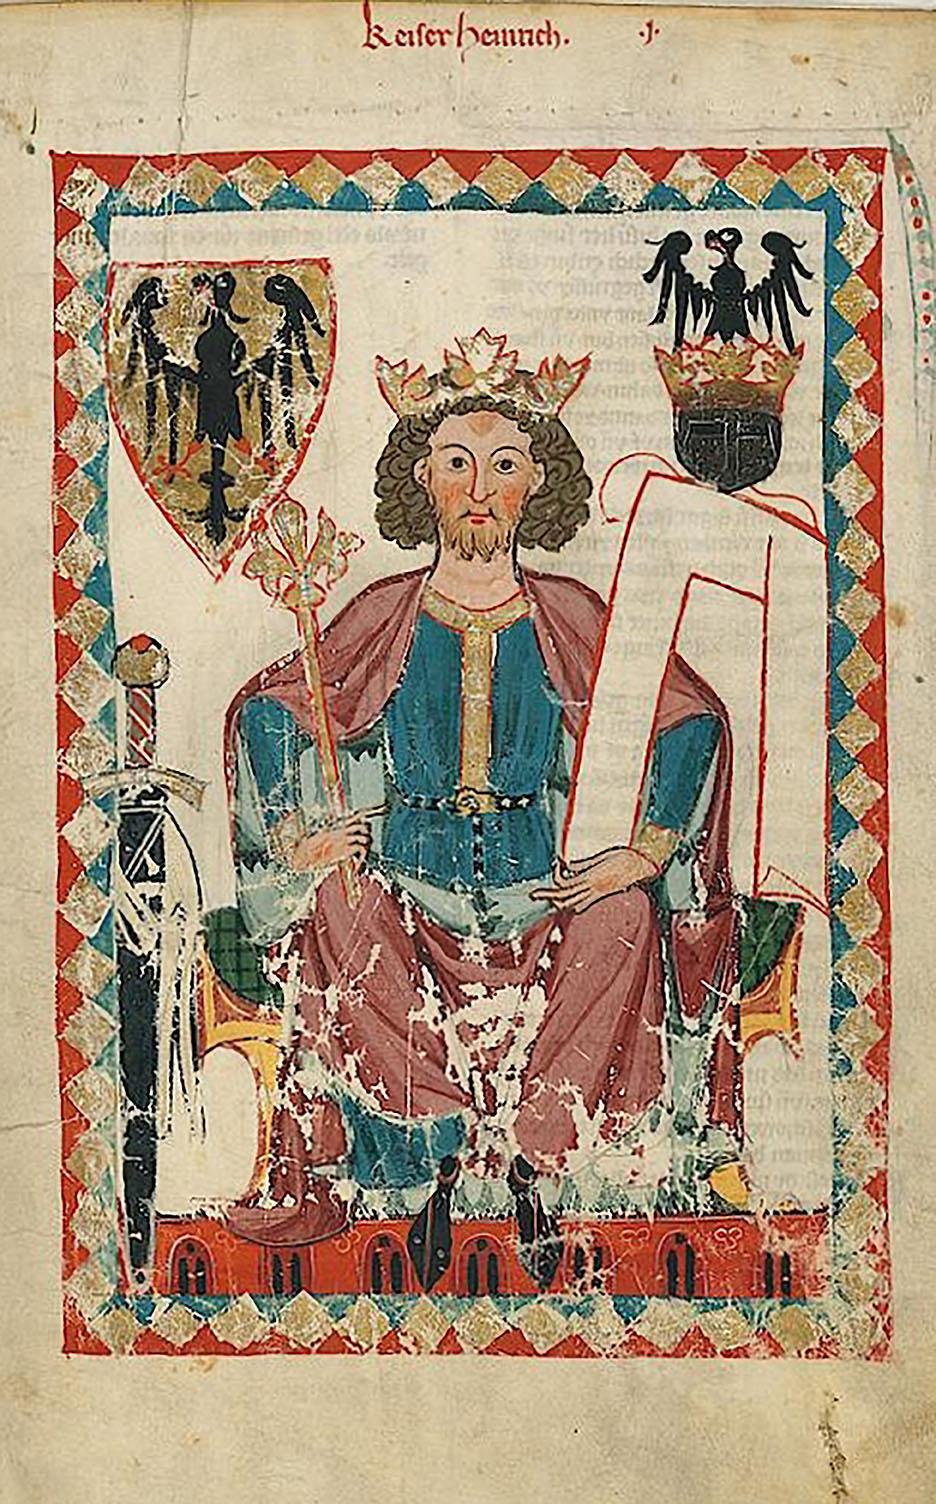 Der Staufer Kaiser Heinrich VI. (1165-1197), Sohn Friedrich I. B